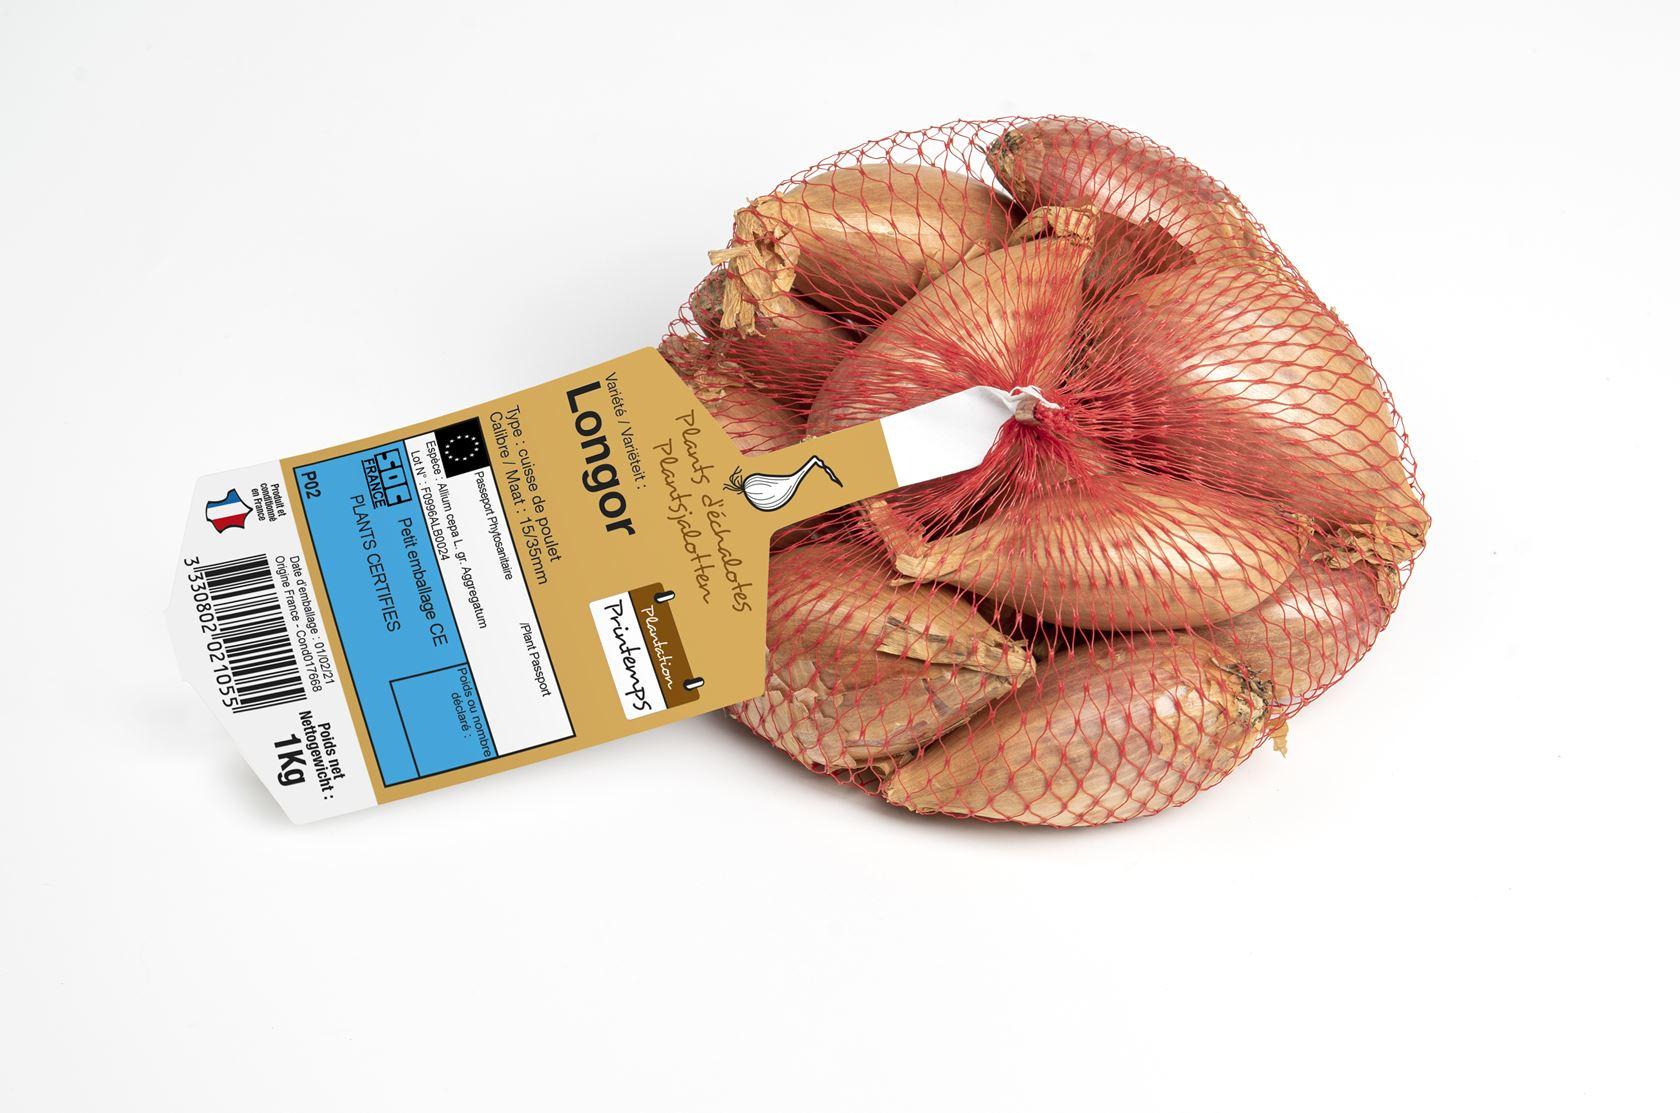 Plantsjalot-Longor-netje-1kg-Verbeterde-Cuisse-de-poulet-